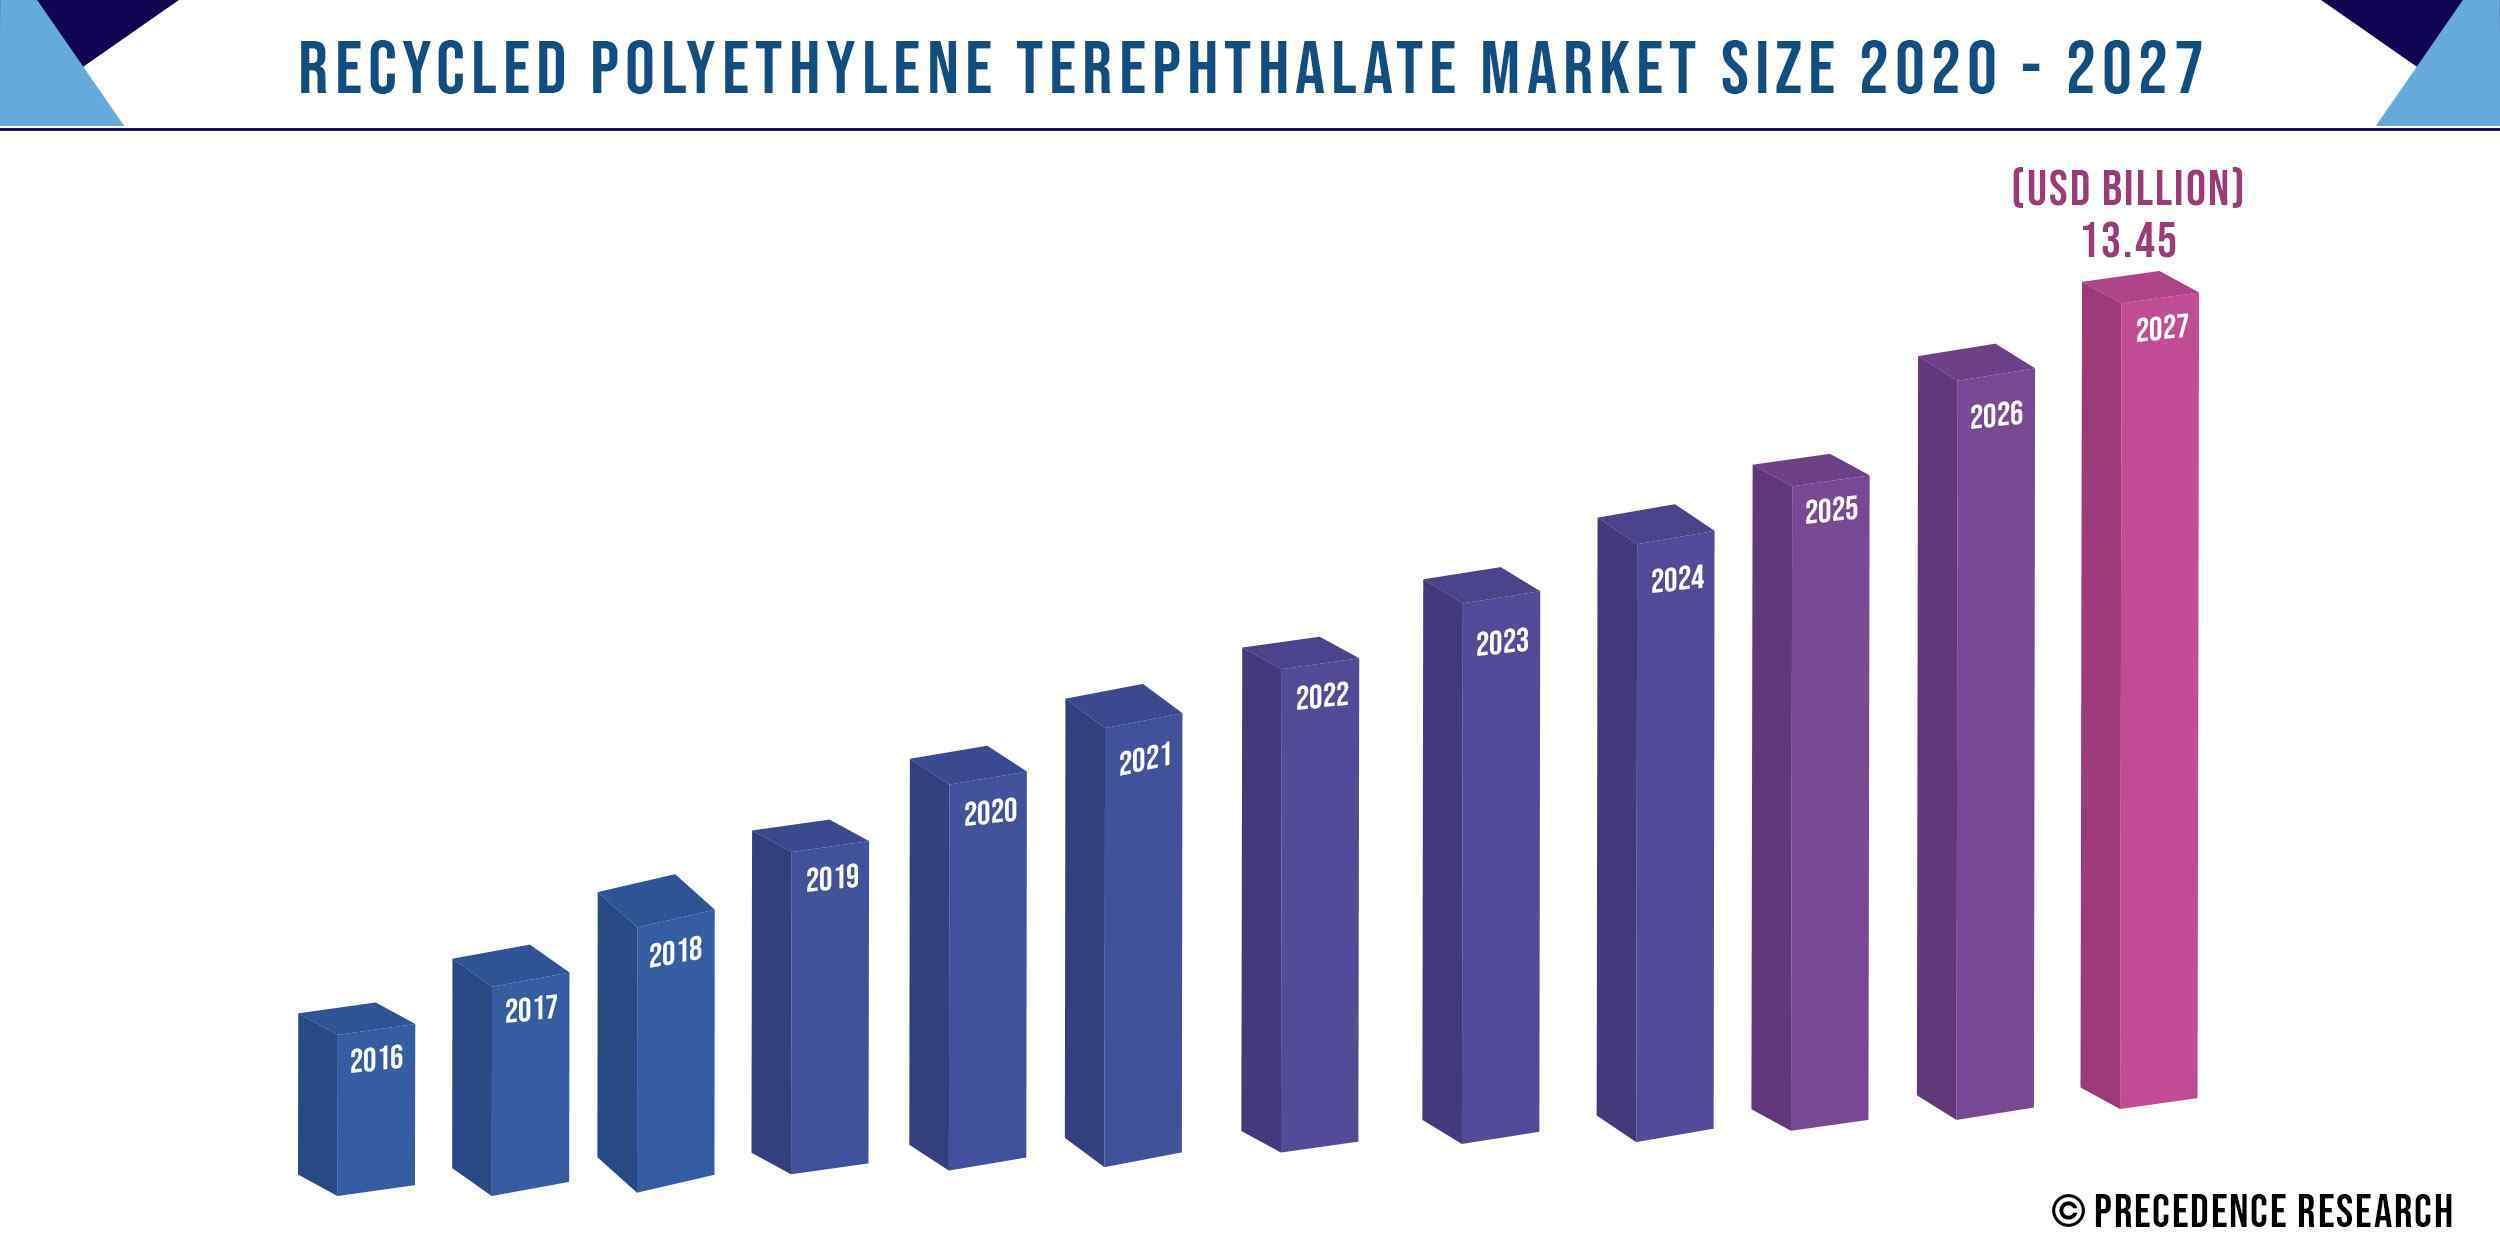 Recycled Polyethylene Terephthalate Market Size 2020 to 2027